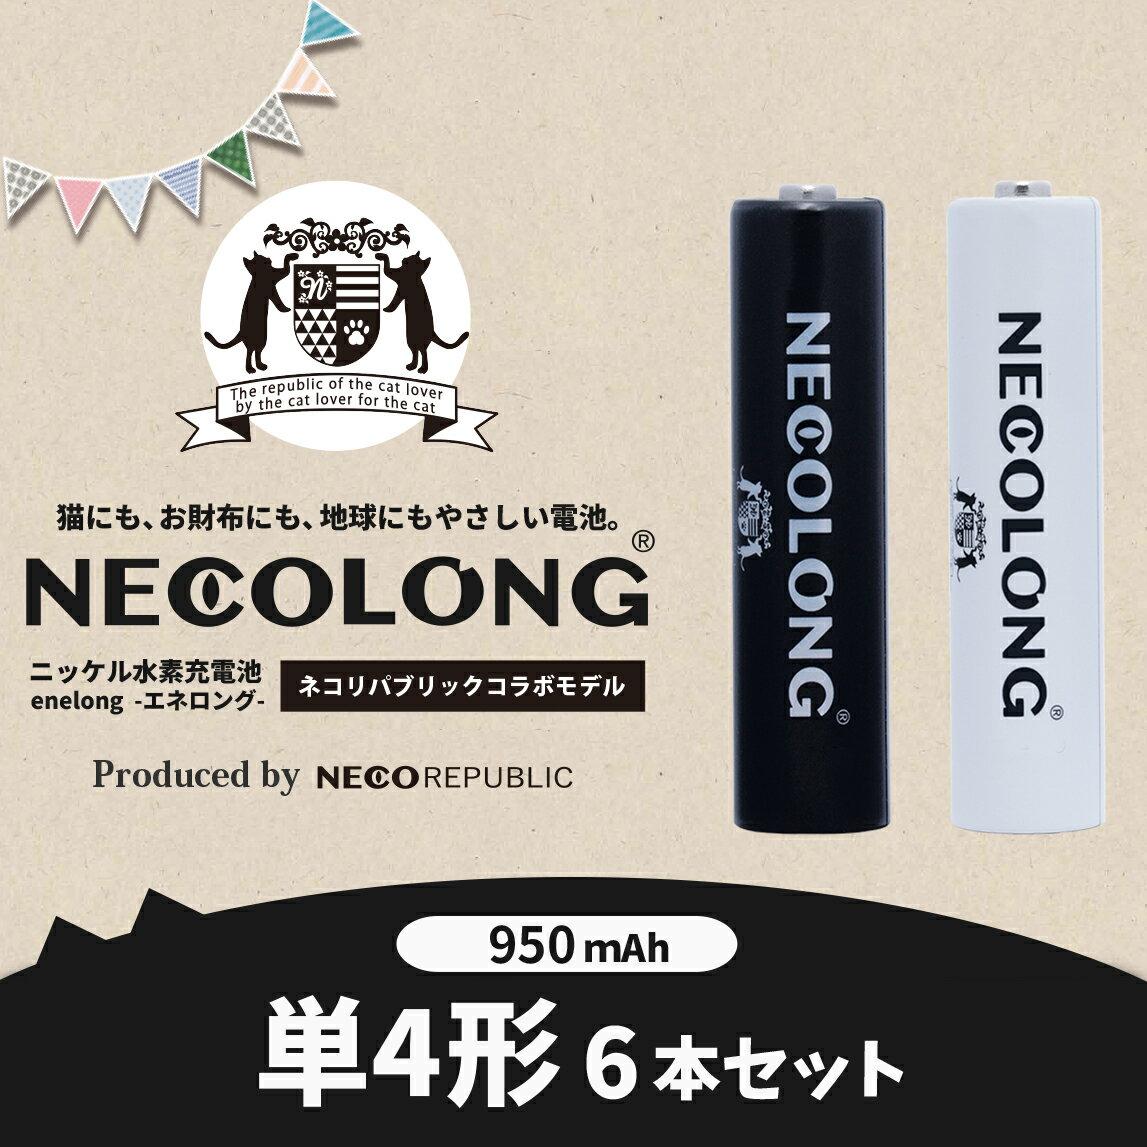 ニッケル水素充電池 NECOLONG ネコロングNECOREPUBLIC ネコリパブリック公式モデルeneloop エネループ enelong エネロング を超える大容量950mAh!単4形電池×6本セット メール便送料無料